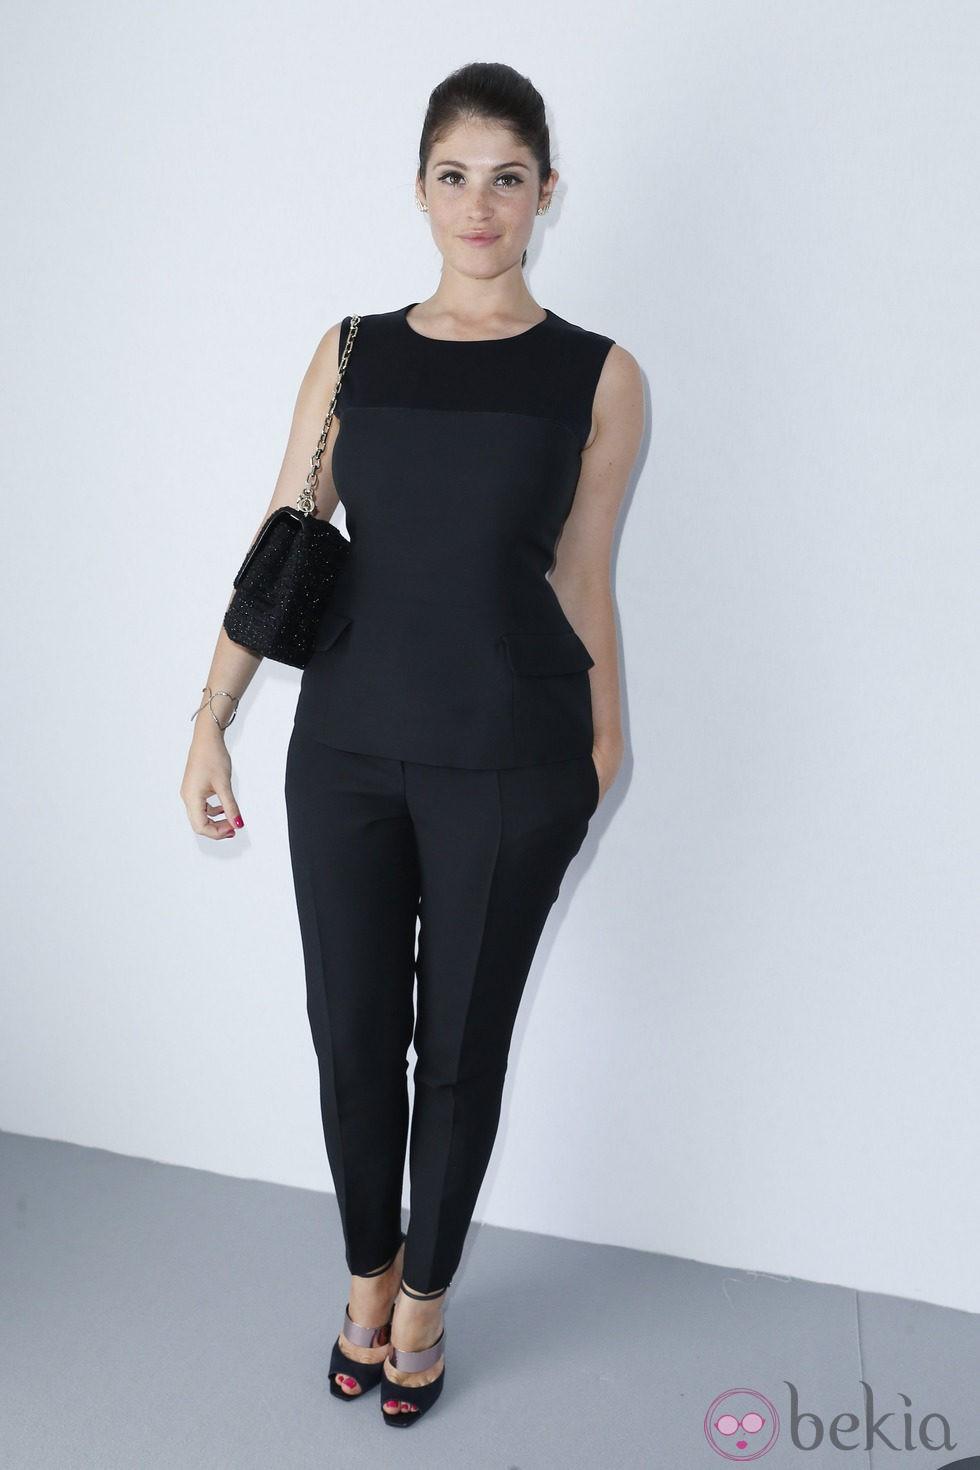 Gemma Arterton en la presentación de la colección de alta costura de Dior en París